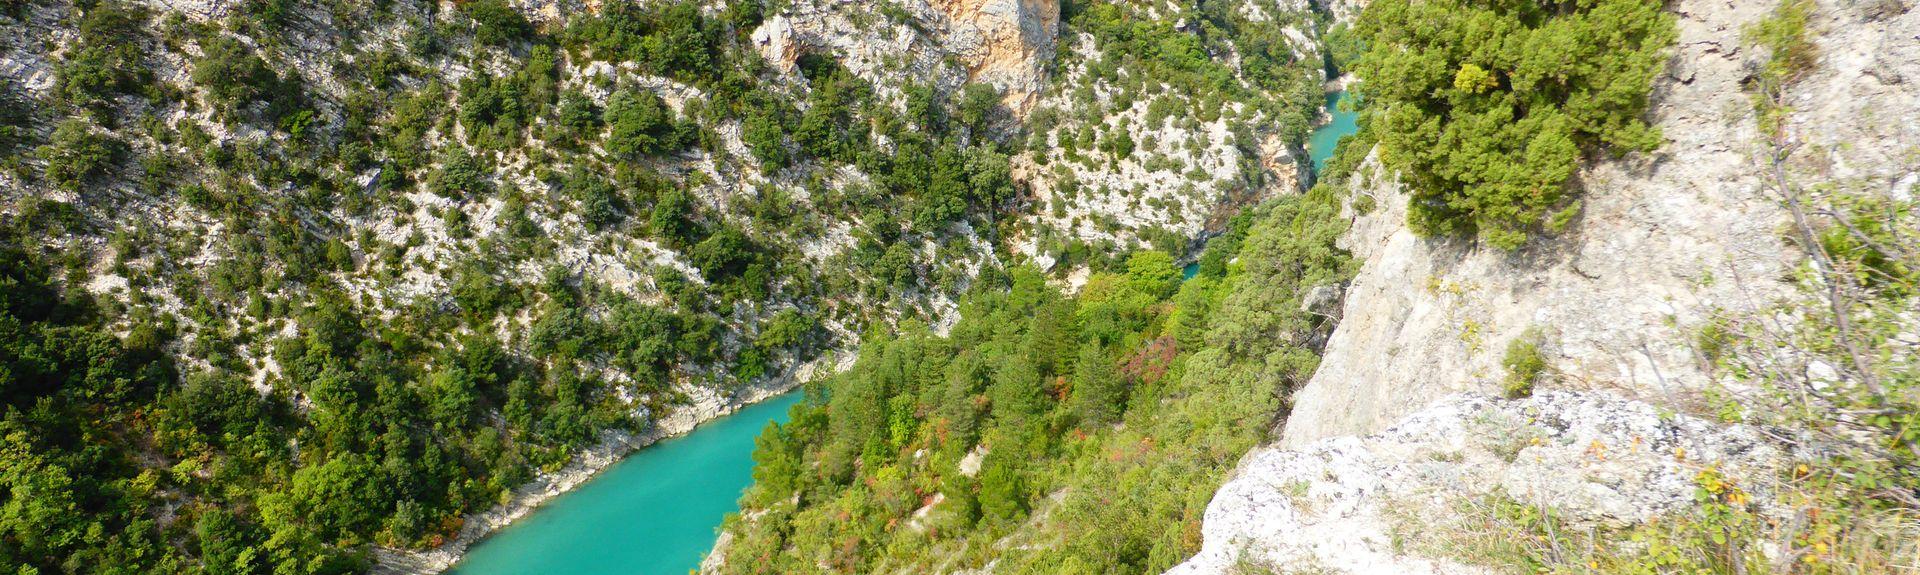 Limans, Département Alpes-de-Haute-Provence, Frankreich